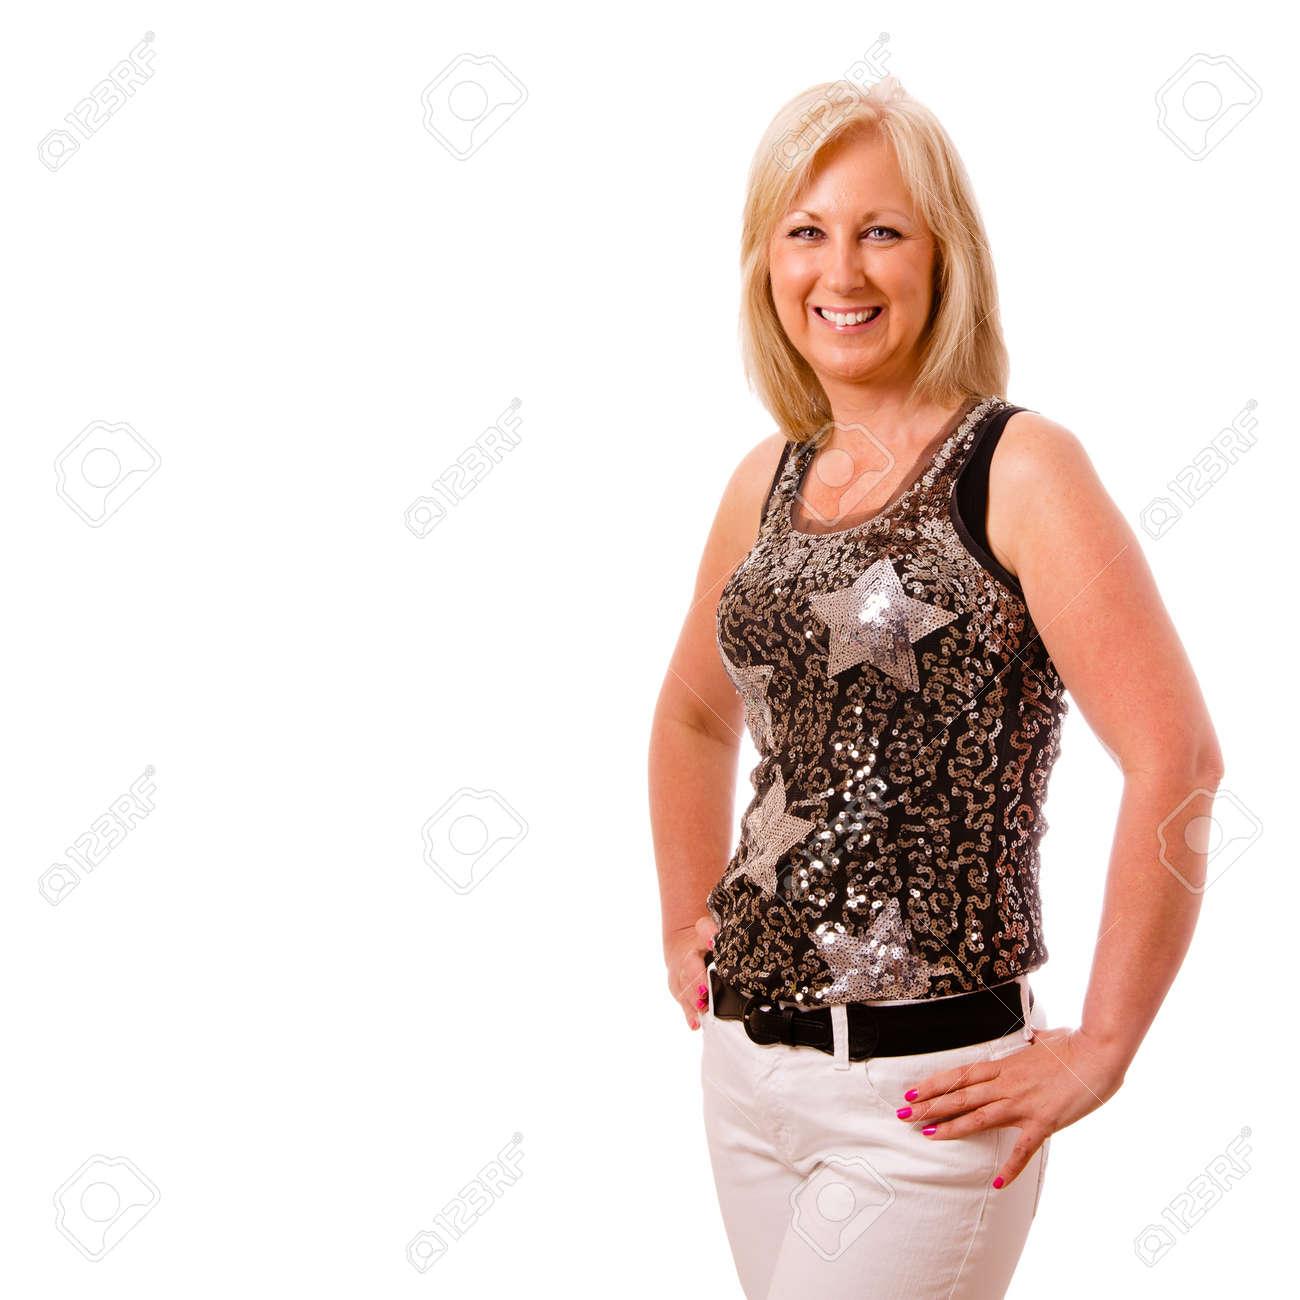 09574bfe0 Foto de archivo - Retrato de la bella mujer de mediana edad de unos 40 años vestido  de fiesta o noche en la ciudad